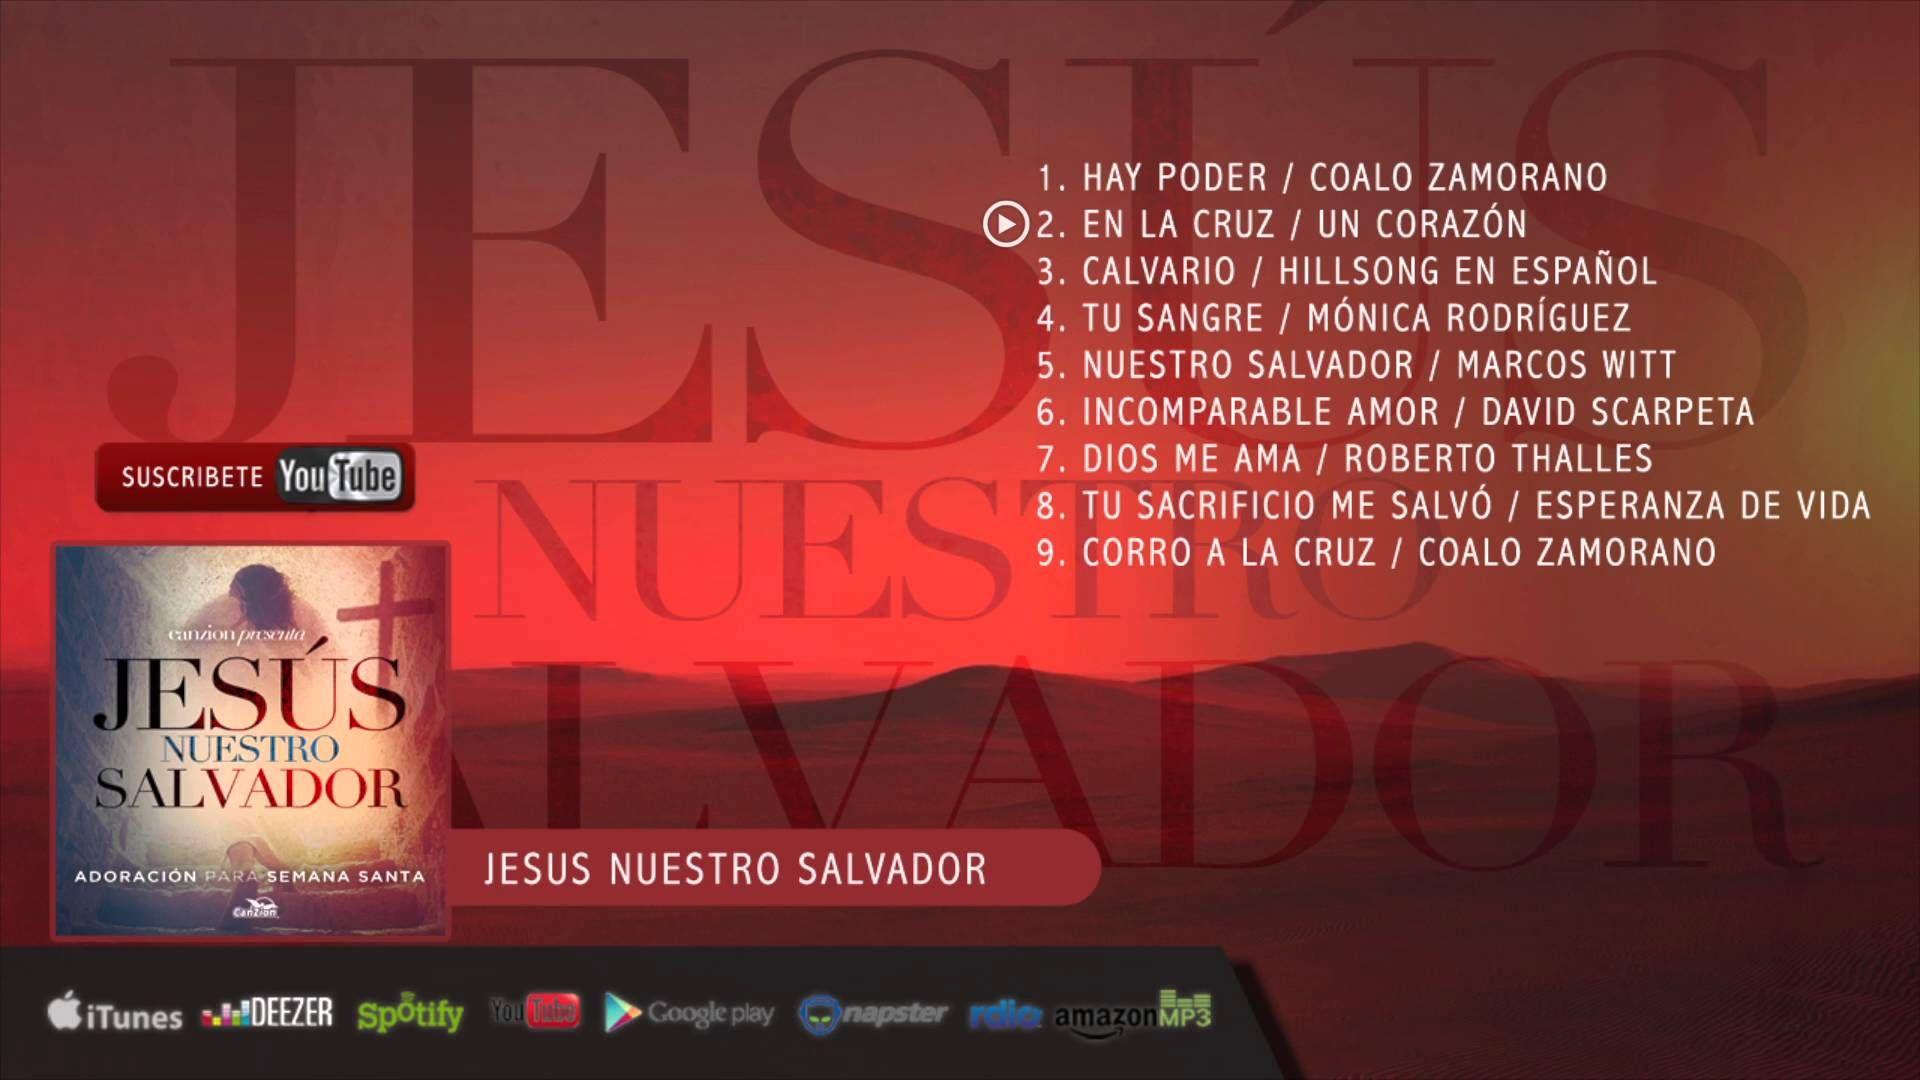 Jesús Nuestro Salvador Adoración Para Semana Santa